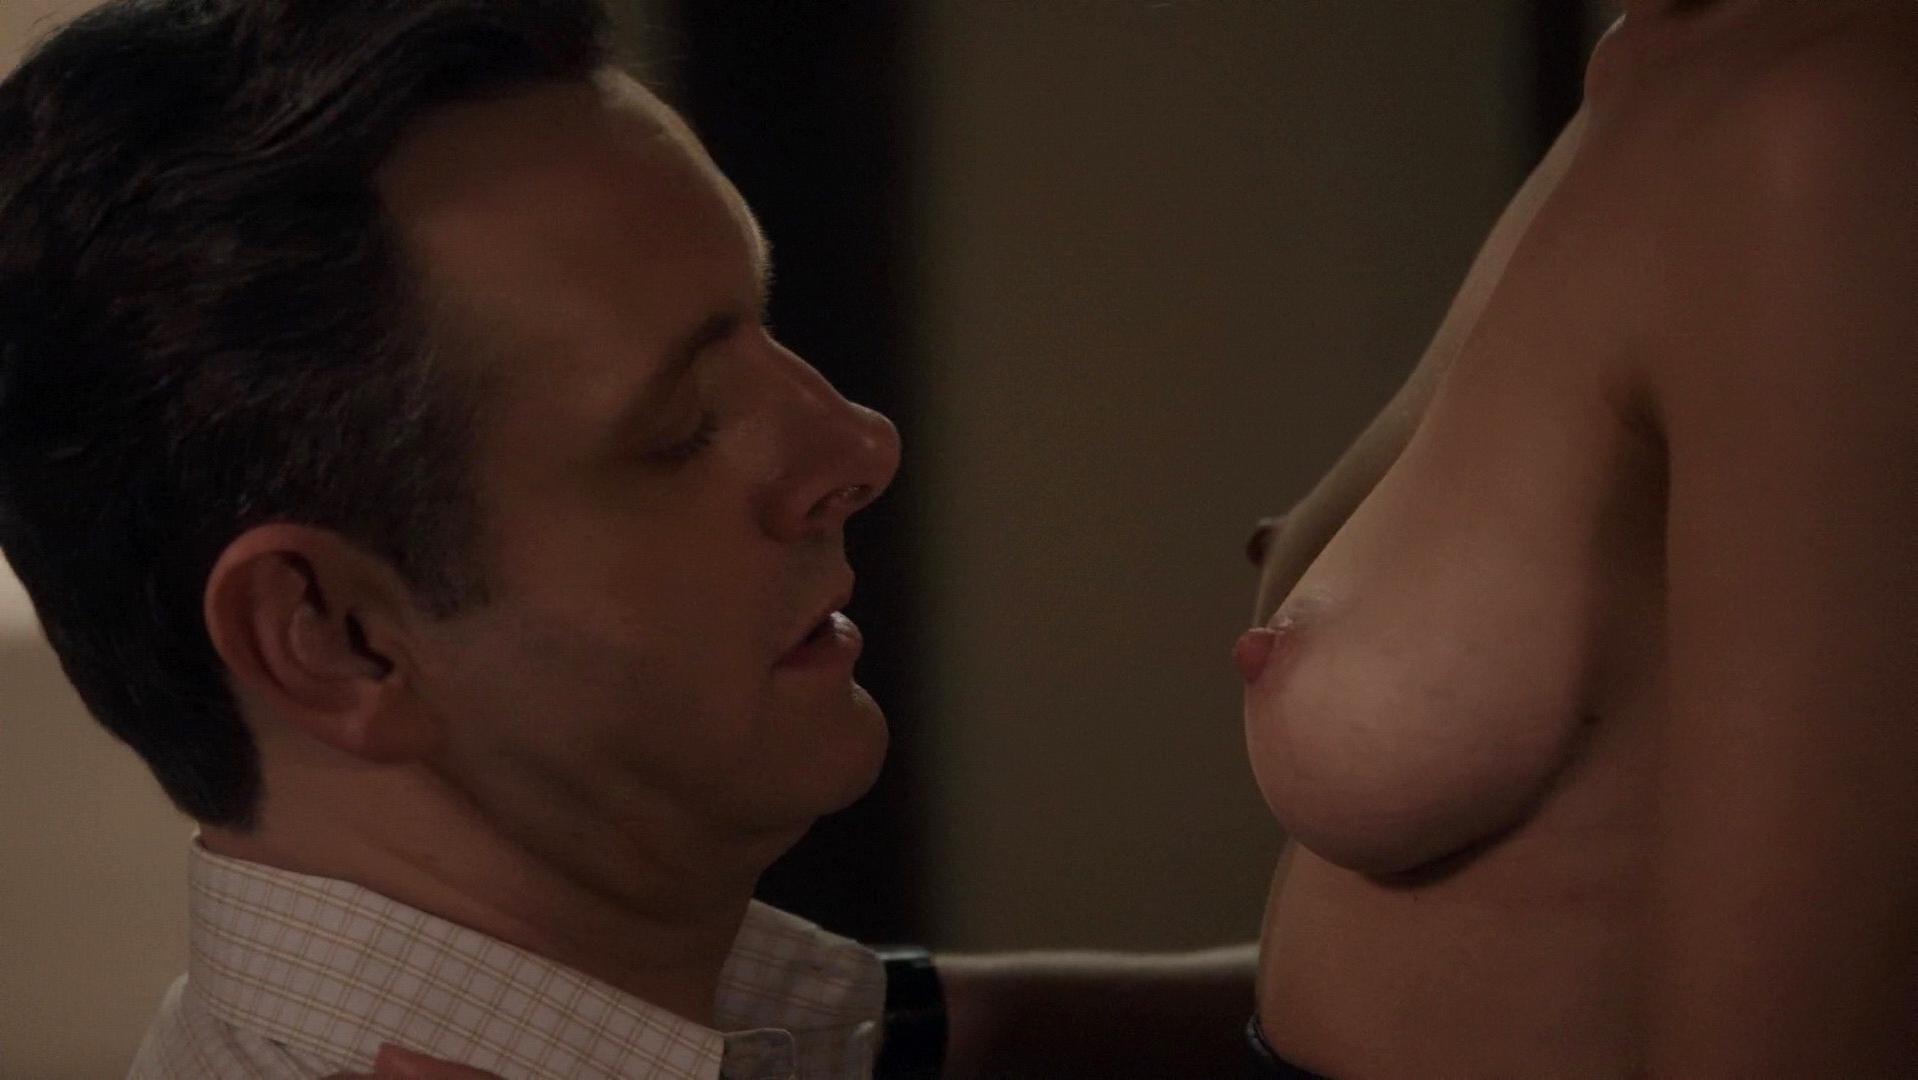 Lizzy caplan nude scenes erotic galery